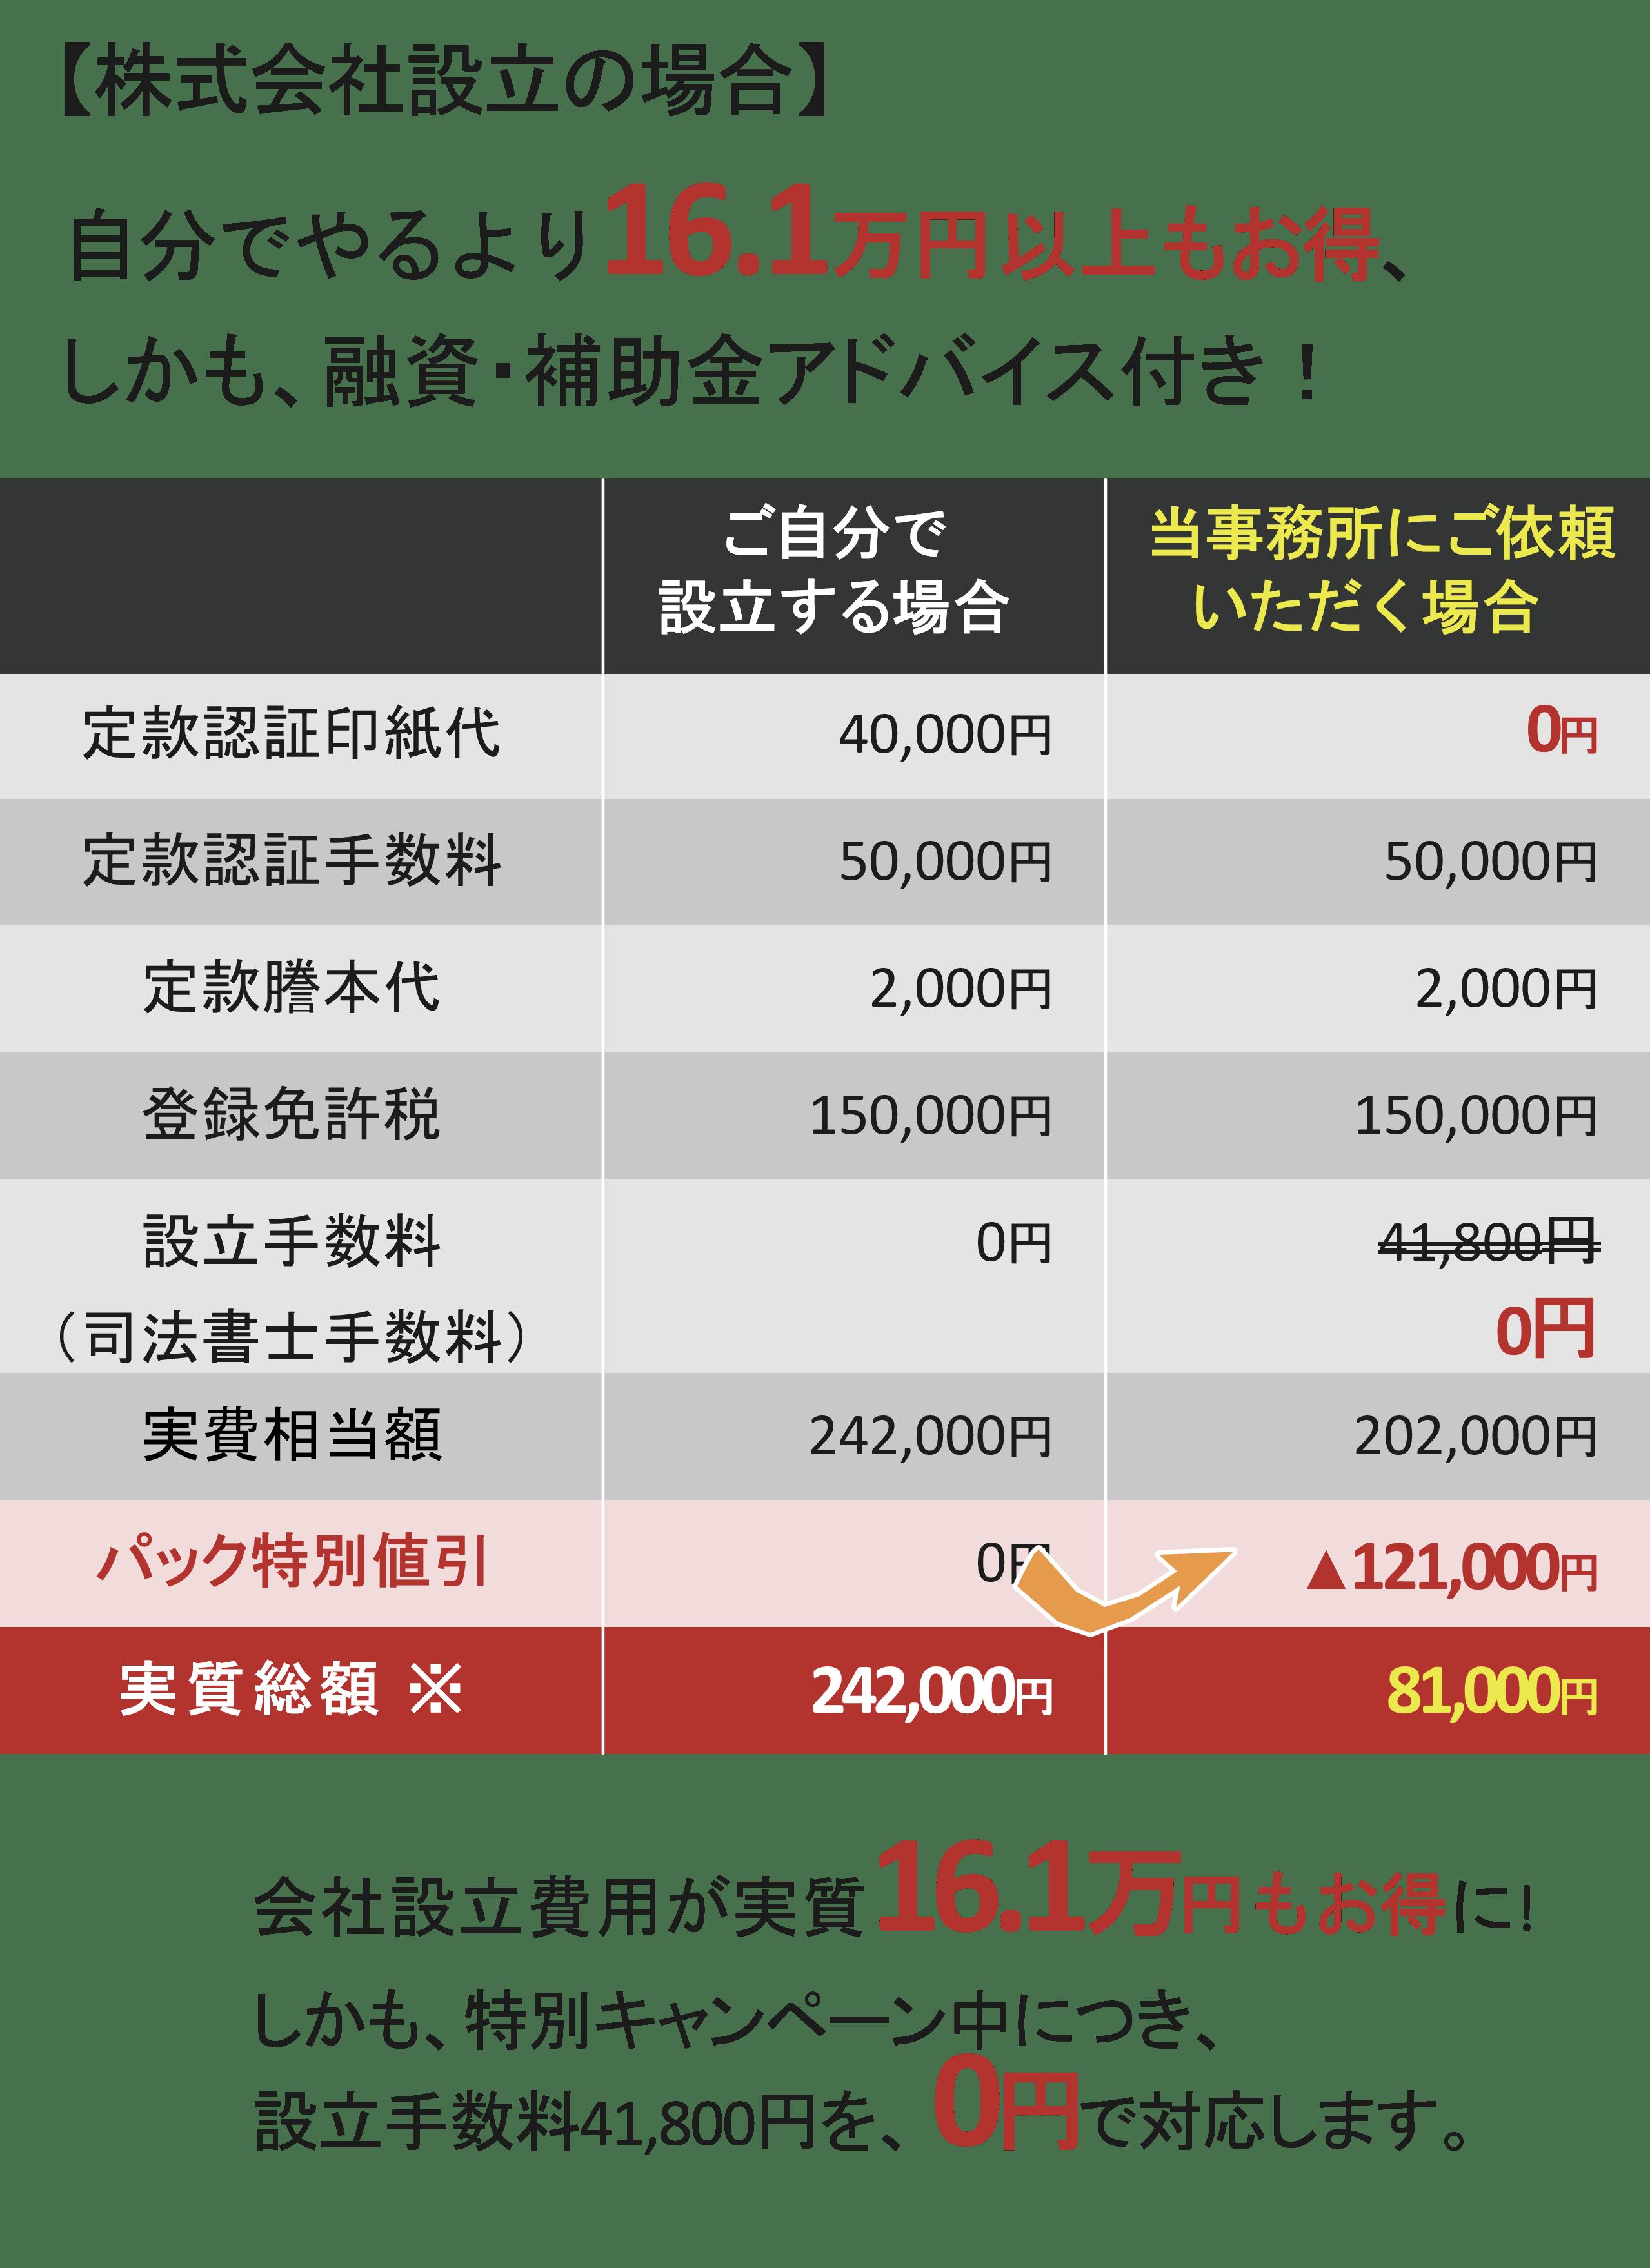 株式会社設立の比較コスト